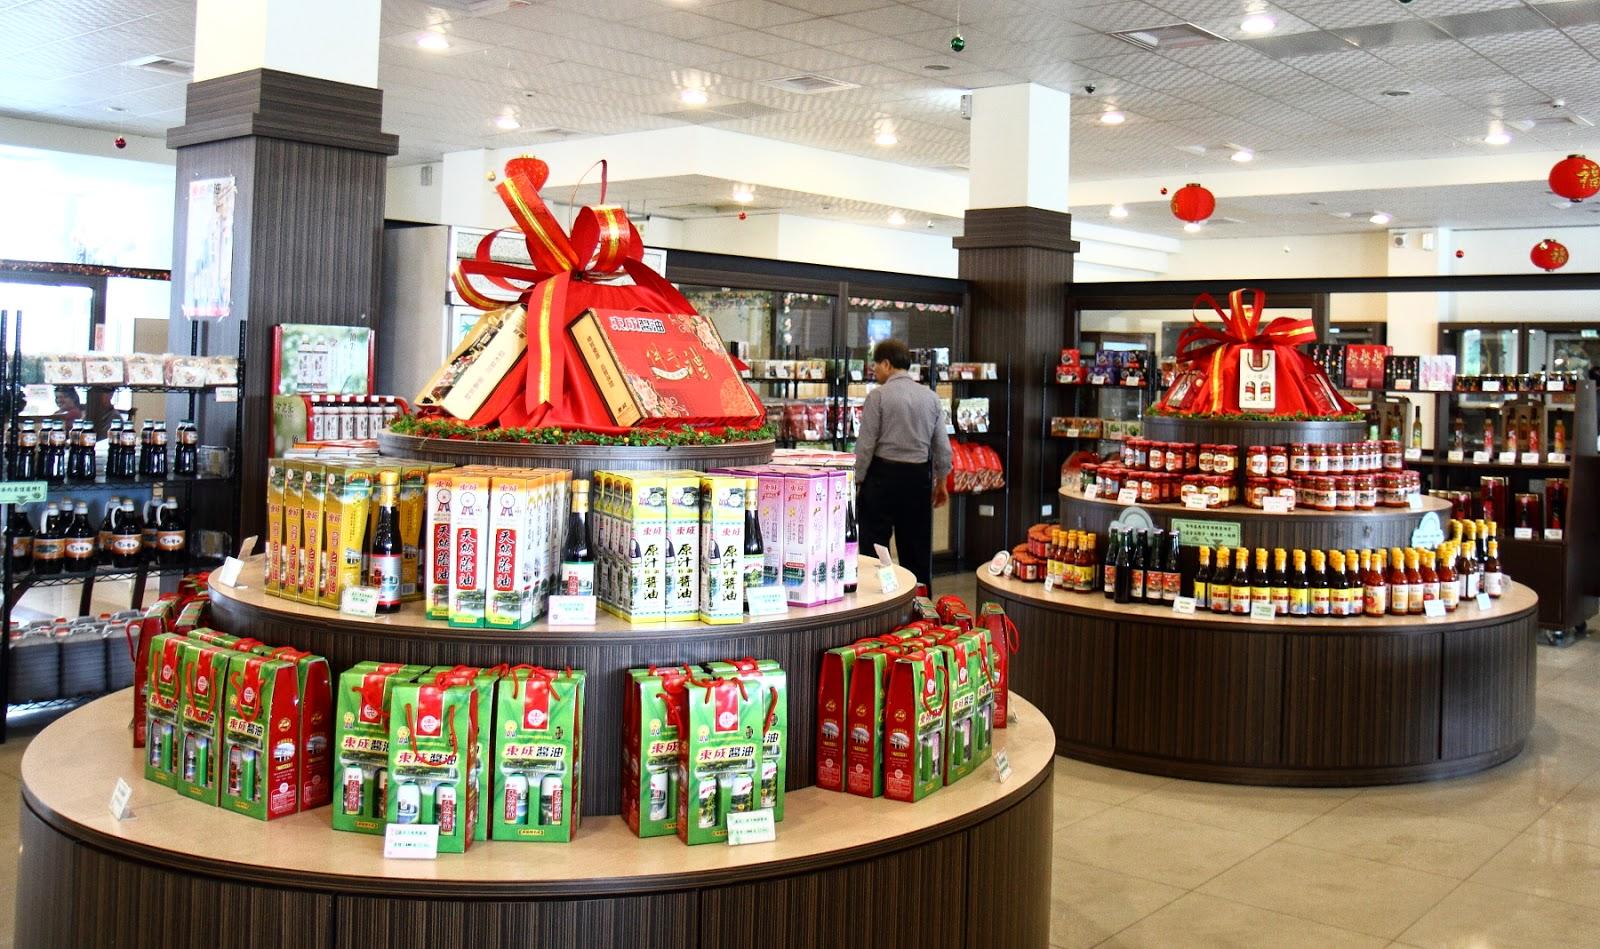 鄰近虎頭埤的東成會館內展售中心販售多款東成醬油與相關農特產商品